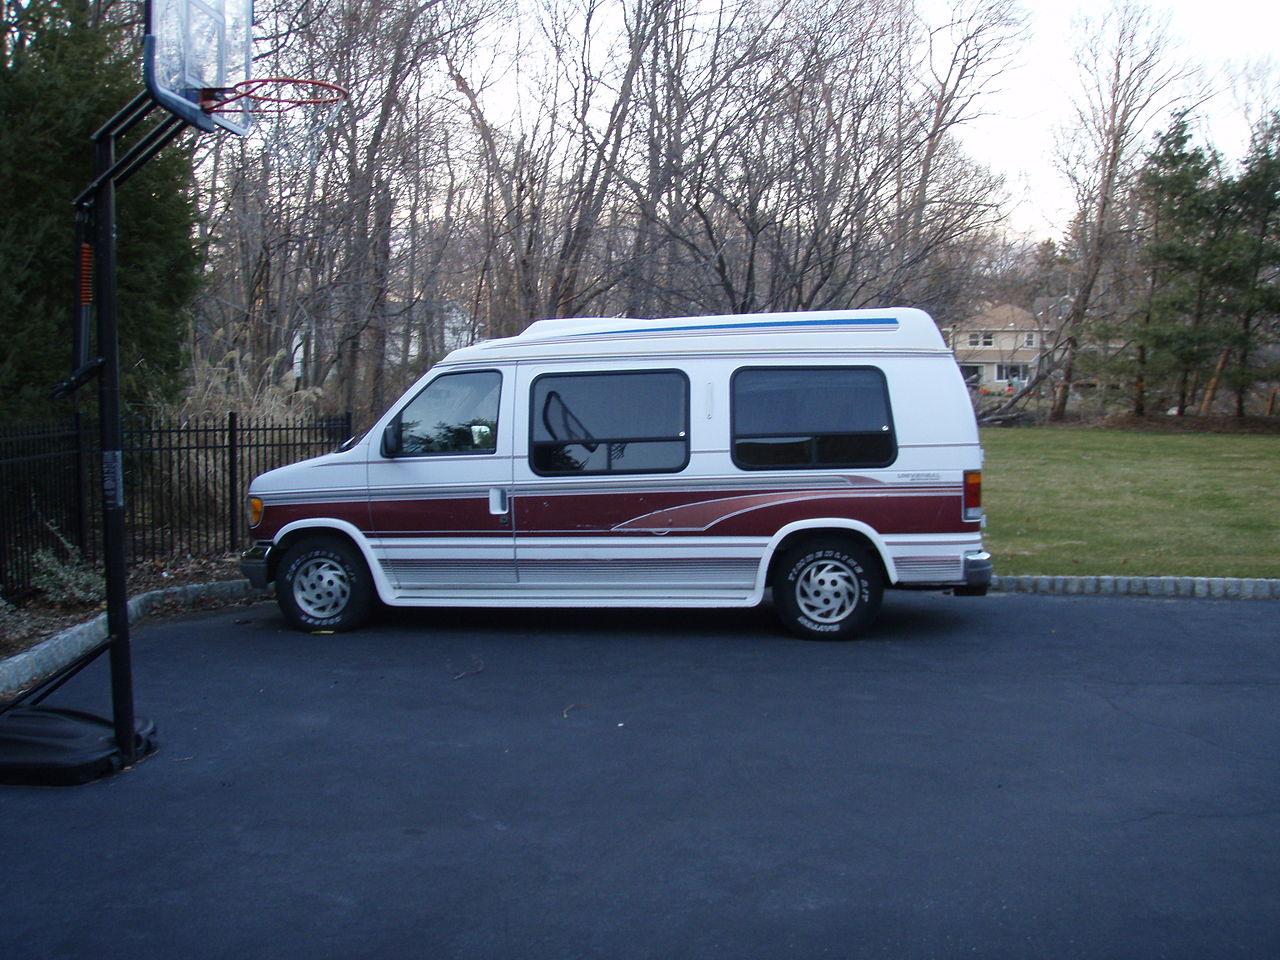 Diy Van Conversions >> 1994 E150 Ford Conversion Van   Autos Post